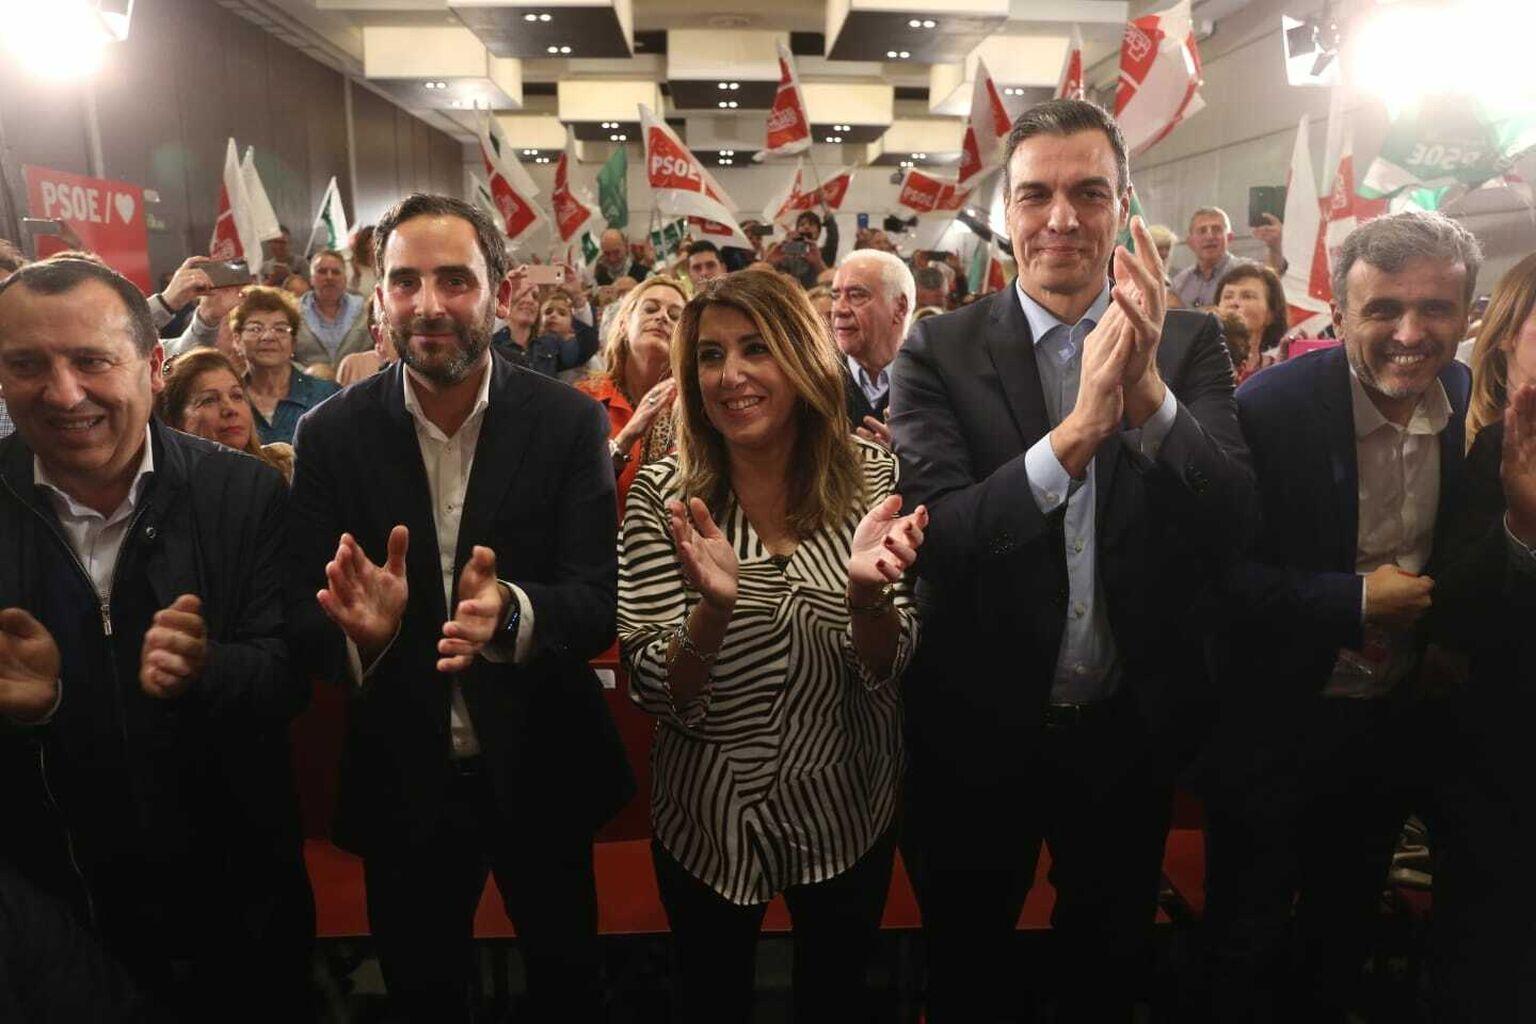 Resultado de imagen de Mitin en malaga 25 marzo PSOE